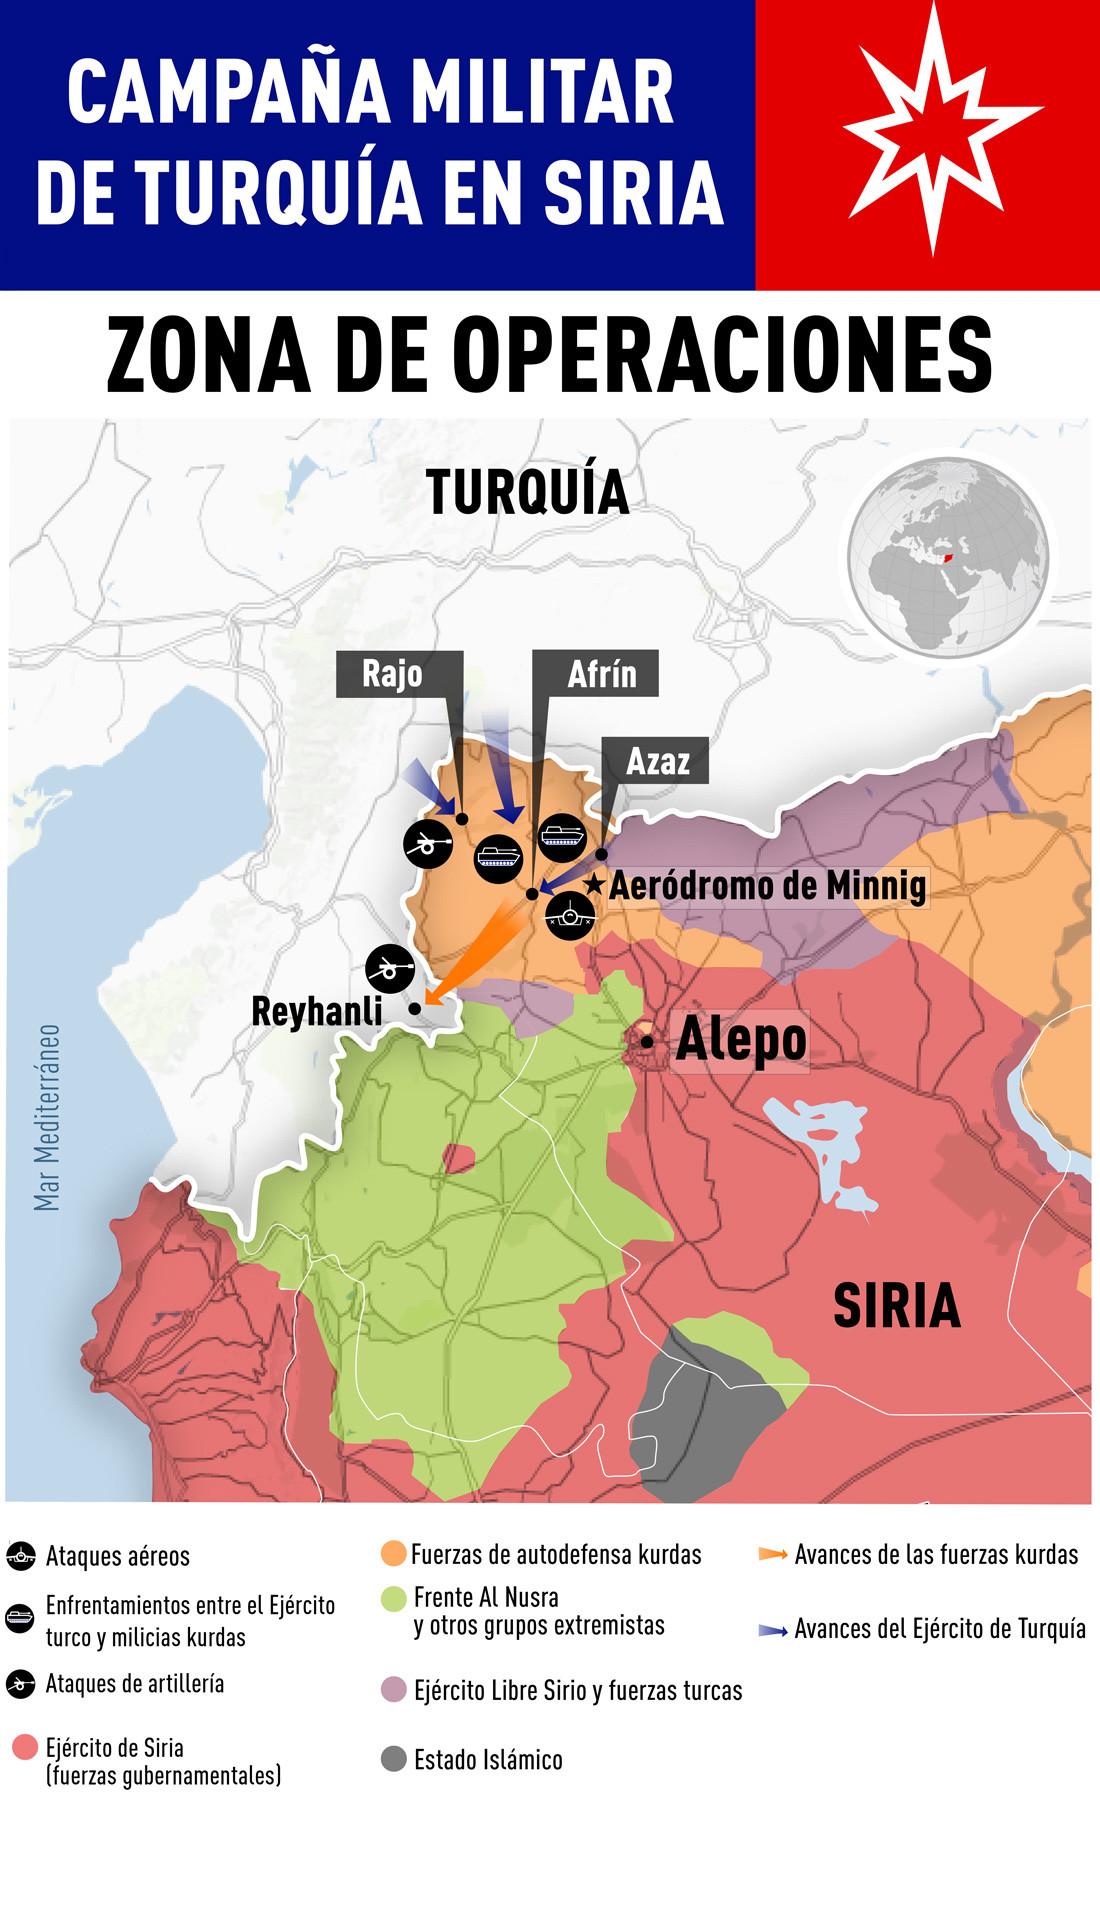 Conflicto Turquía - Siria  - Página 14 5a69f02108f3d931498b4567